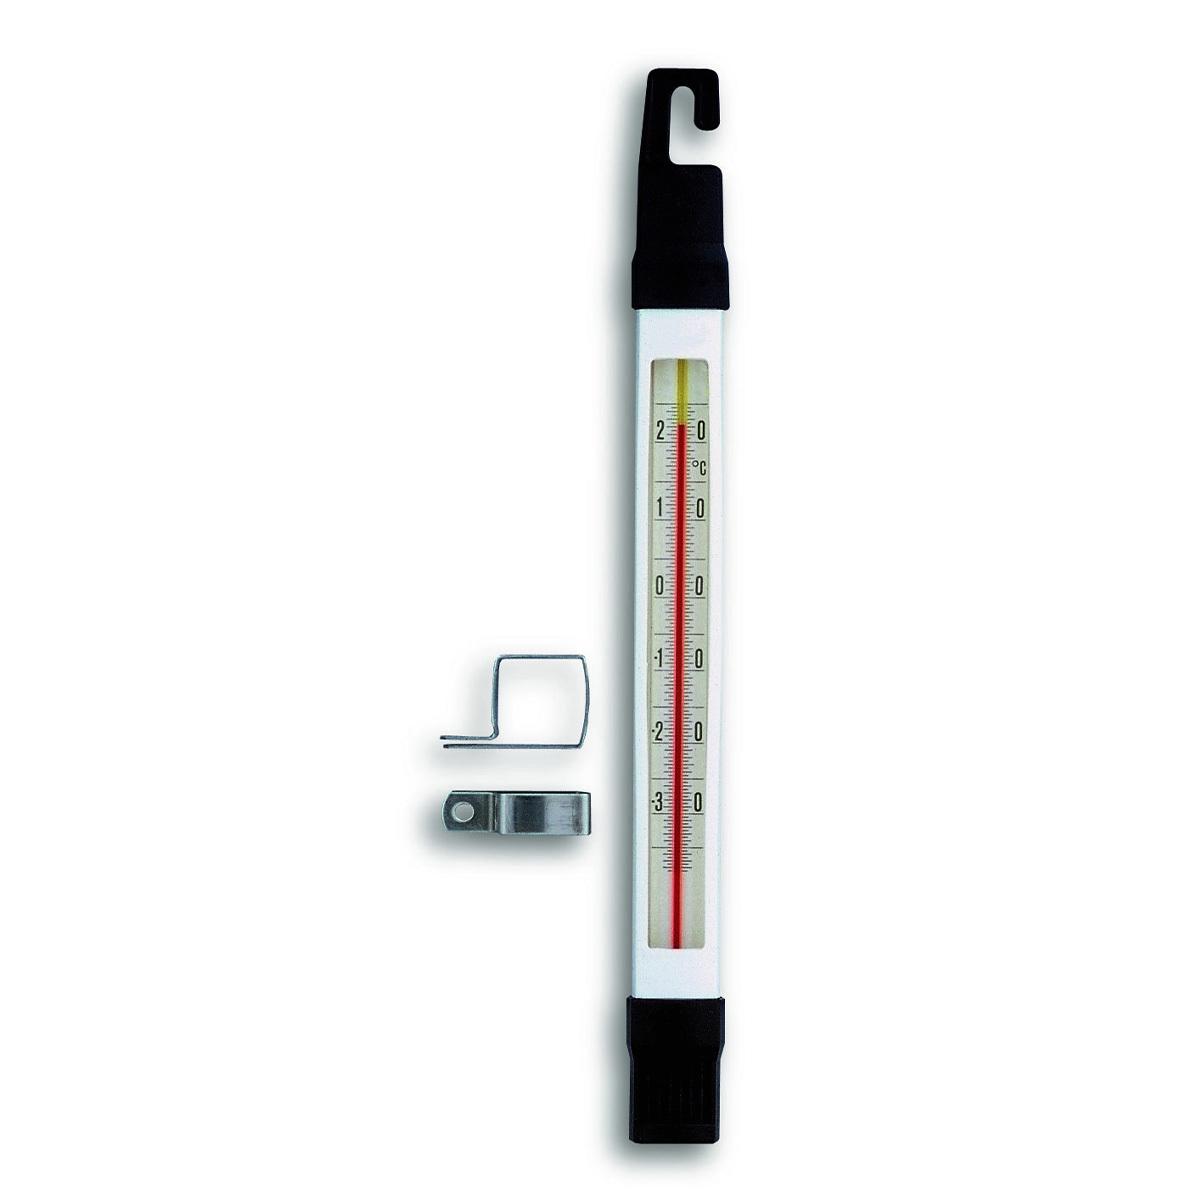 14-4004-01-k-analoges-kühlthermometer-1200x1200px.jpg